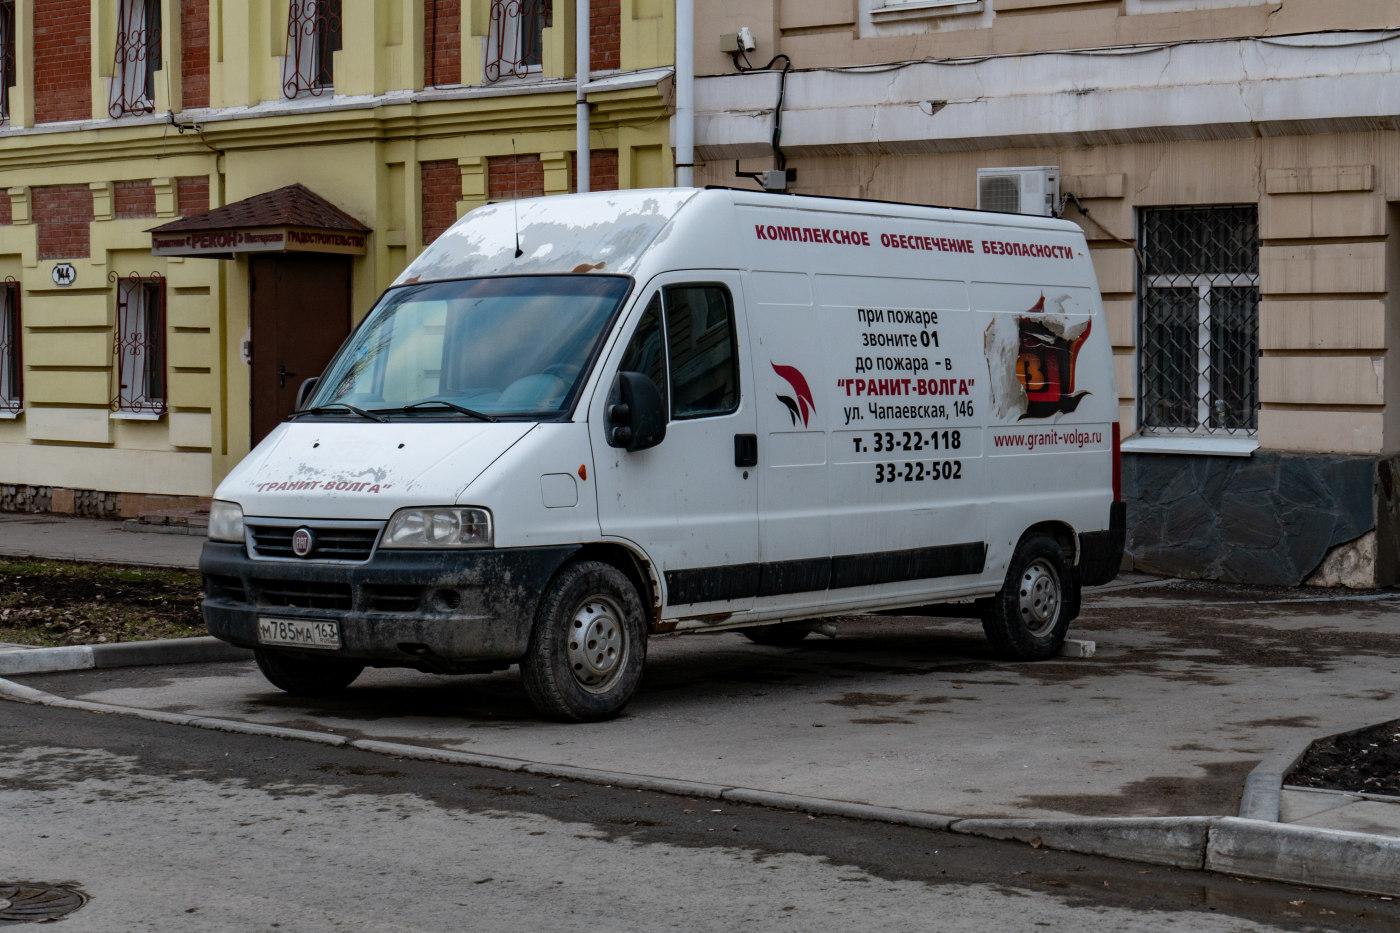 Развозной цельнометаллический фургон FIAT Ducato #М785МА163. г. Самара, ул. Чапаевская